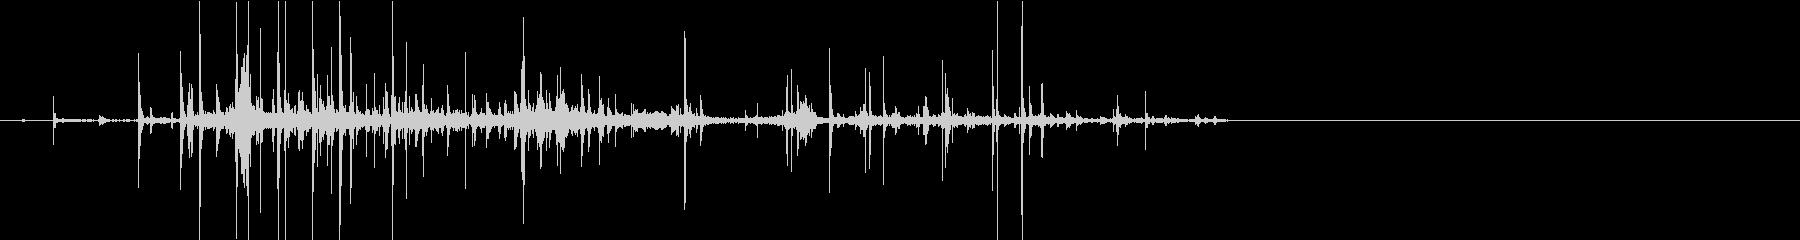 【生録音】紙をクシャクシャに丸める音の未再生の波形